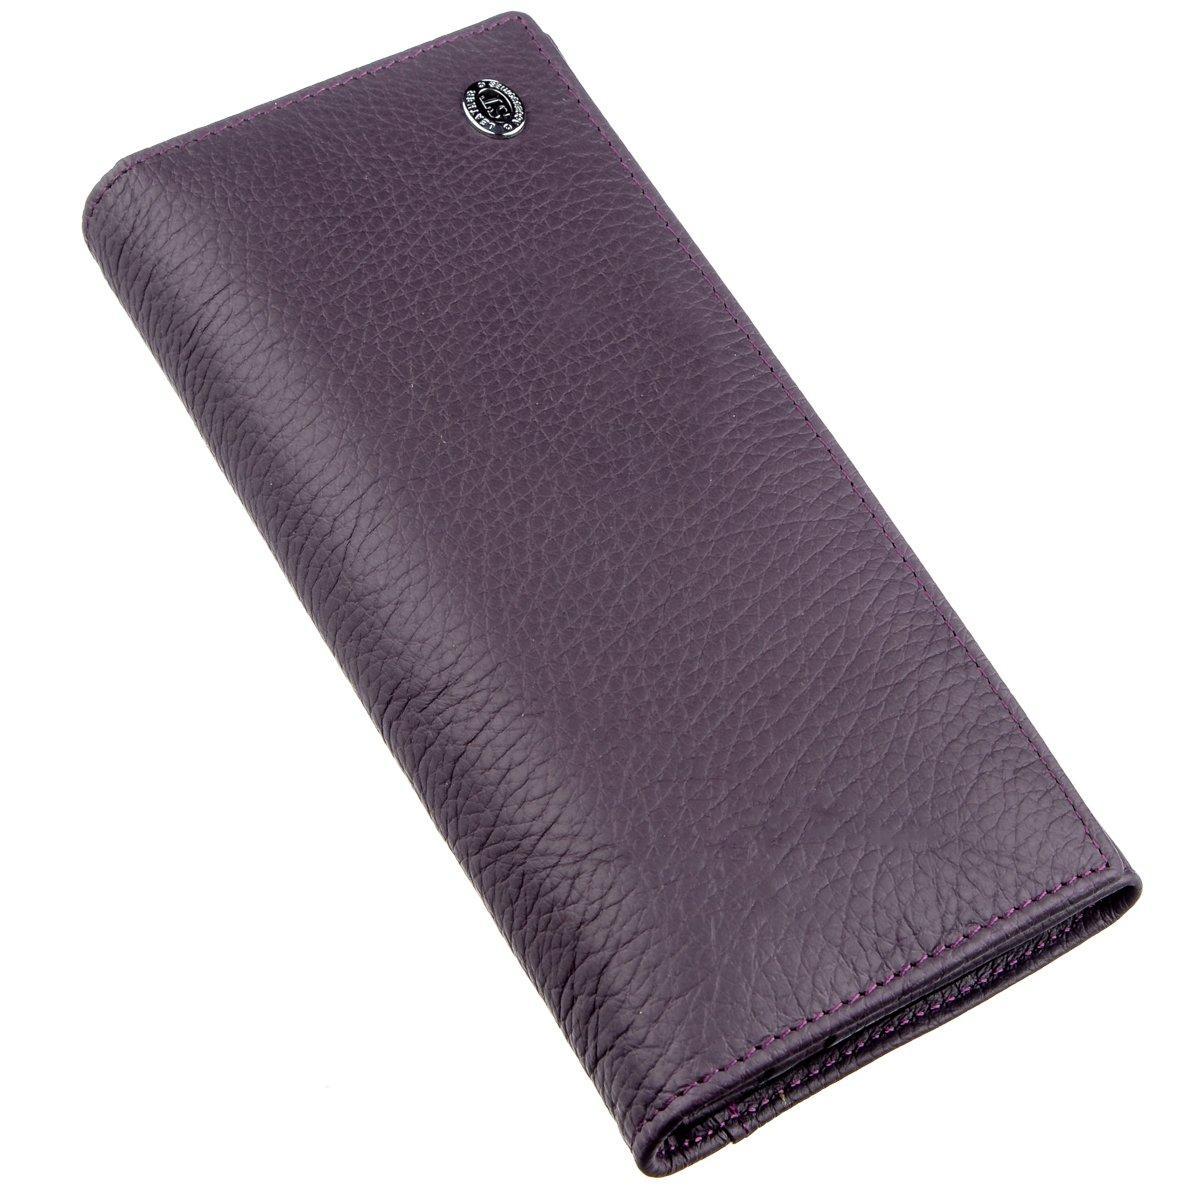 Жіночий гаманець з натуральної шкіри ST Leather 18872 Фіолетовий